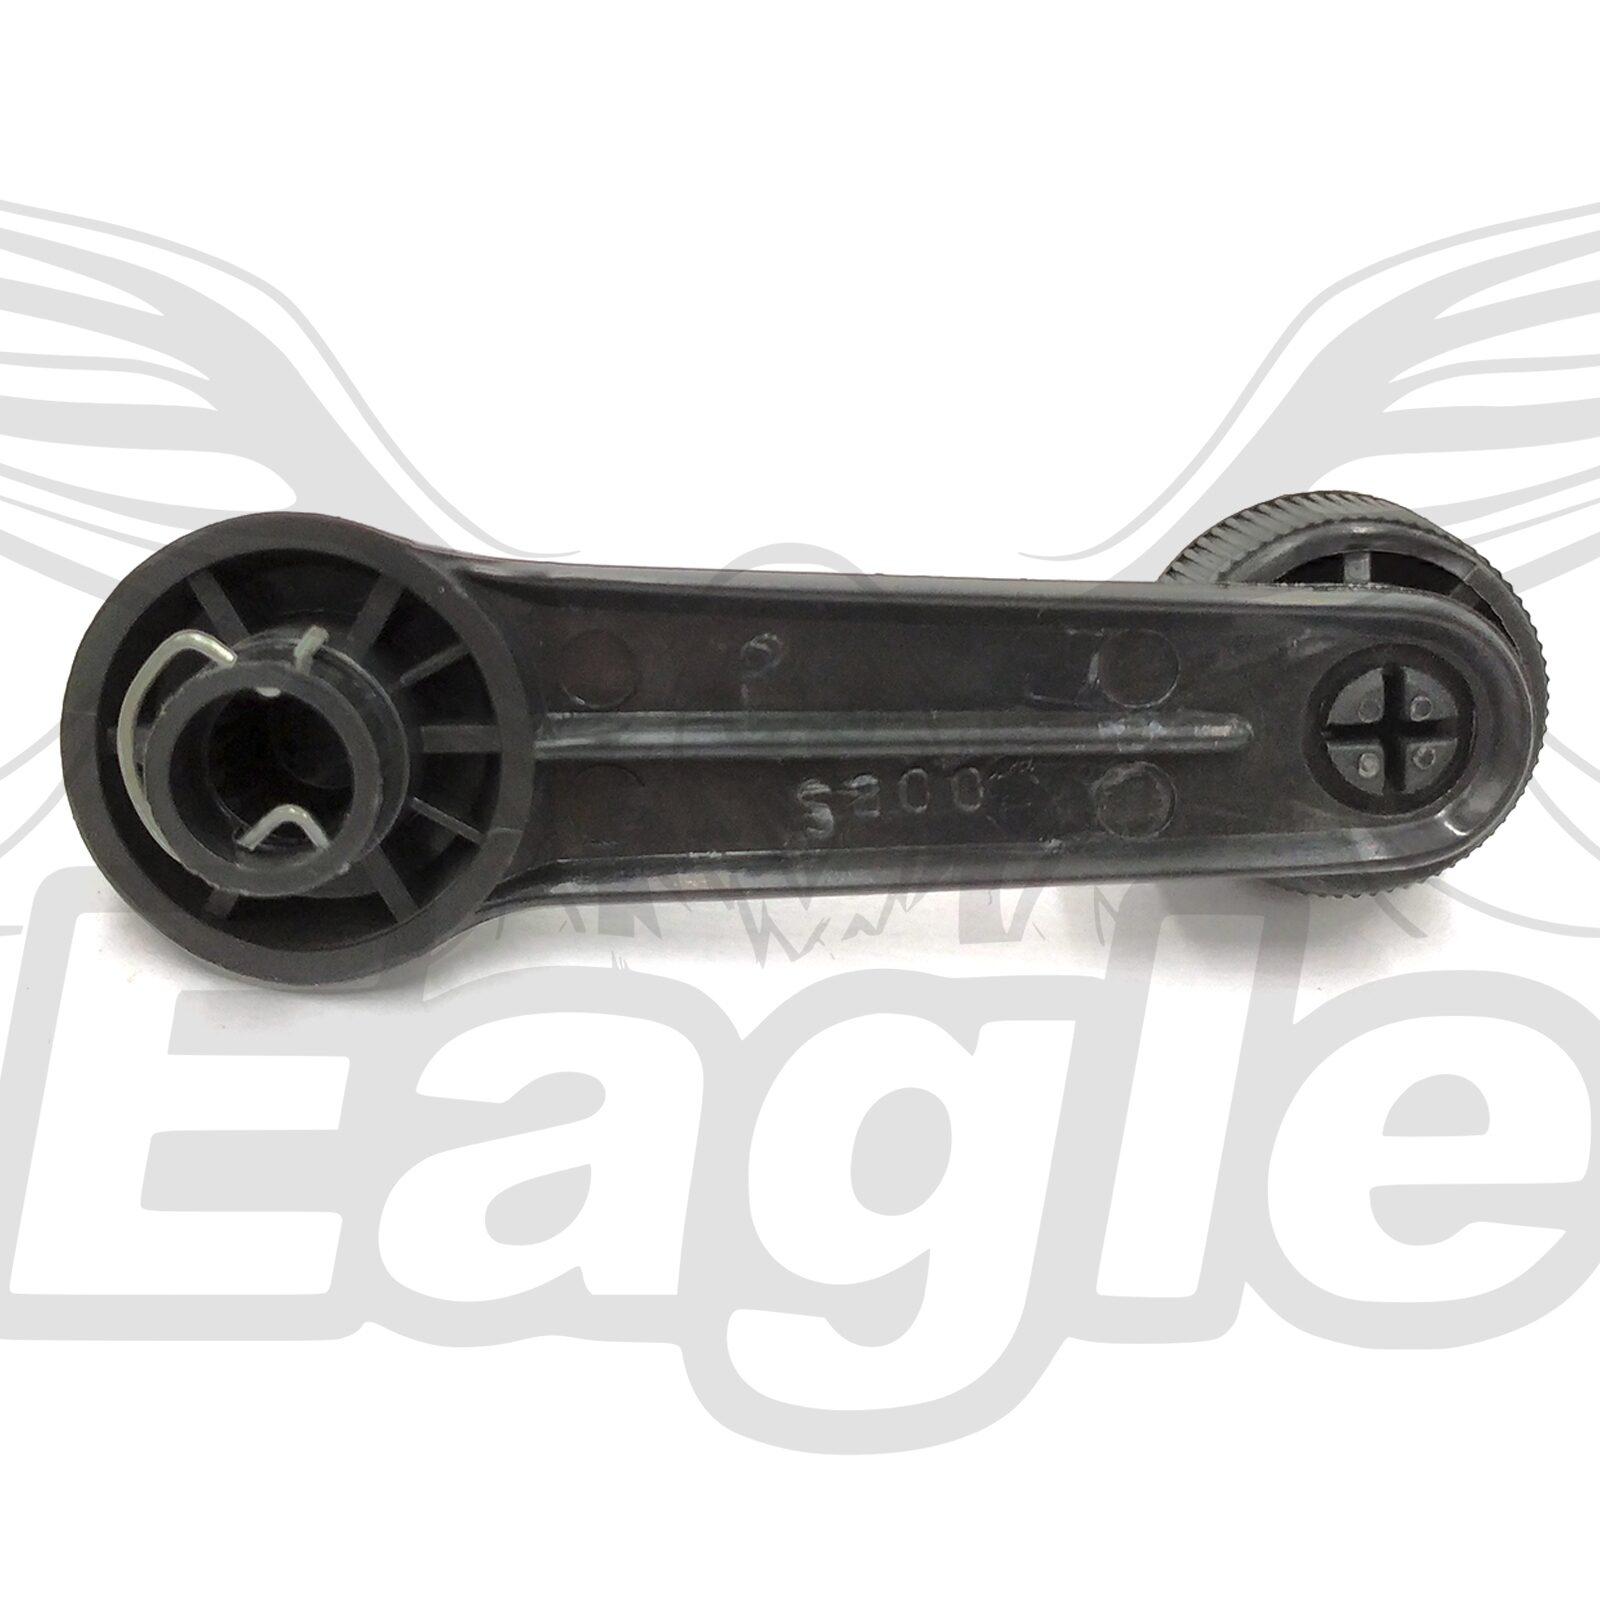 5206 - EagleOffRoad